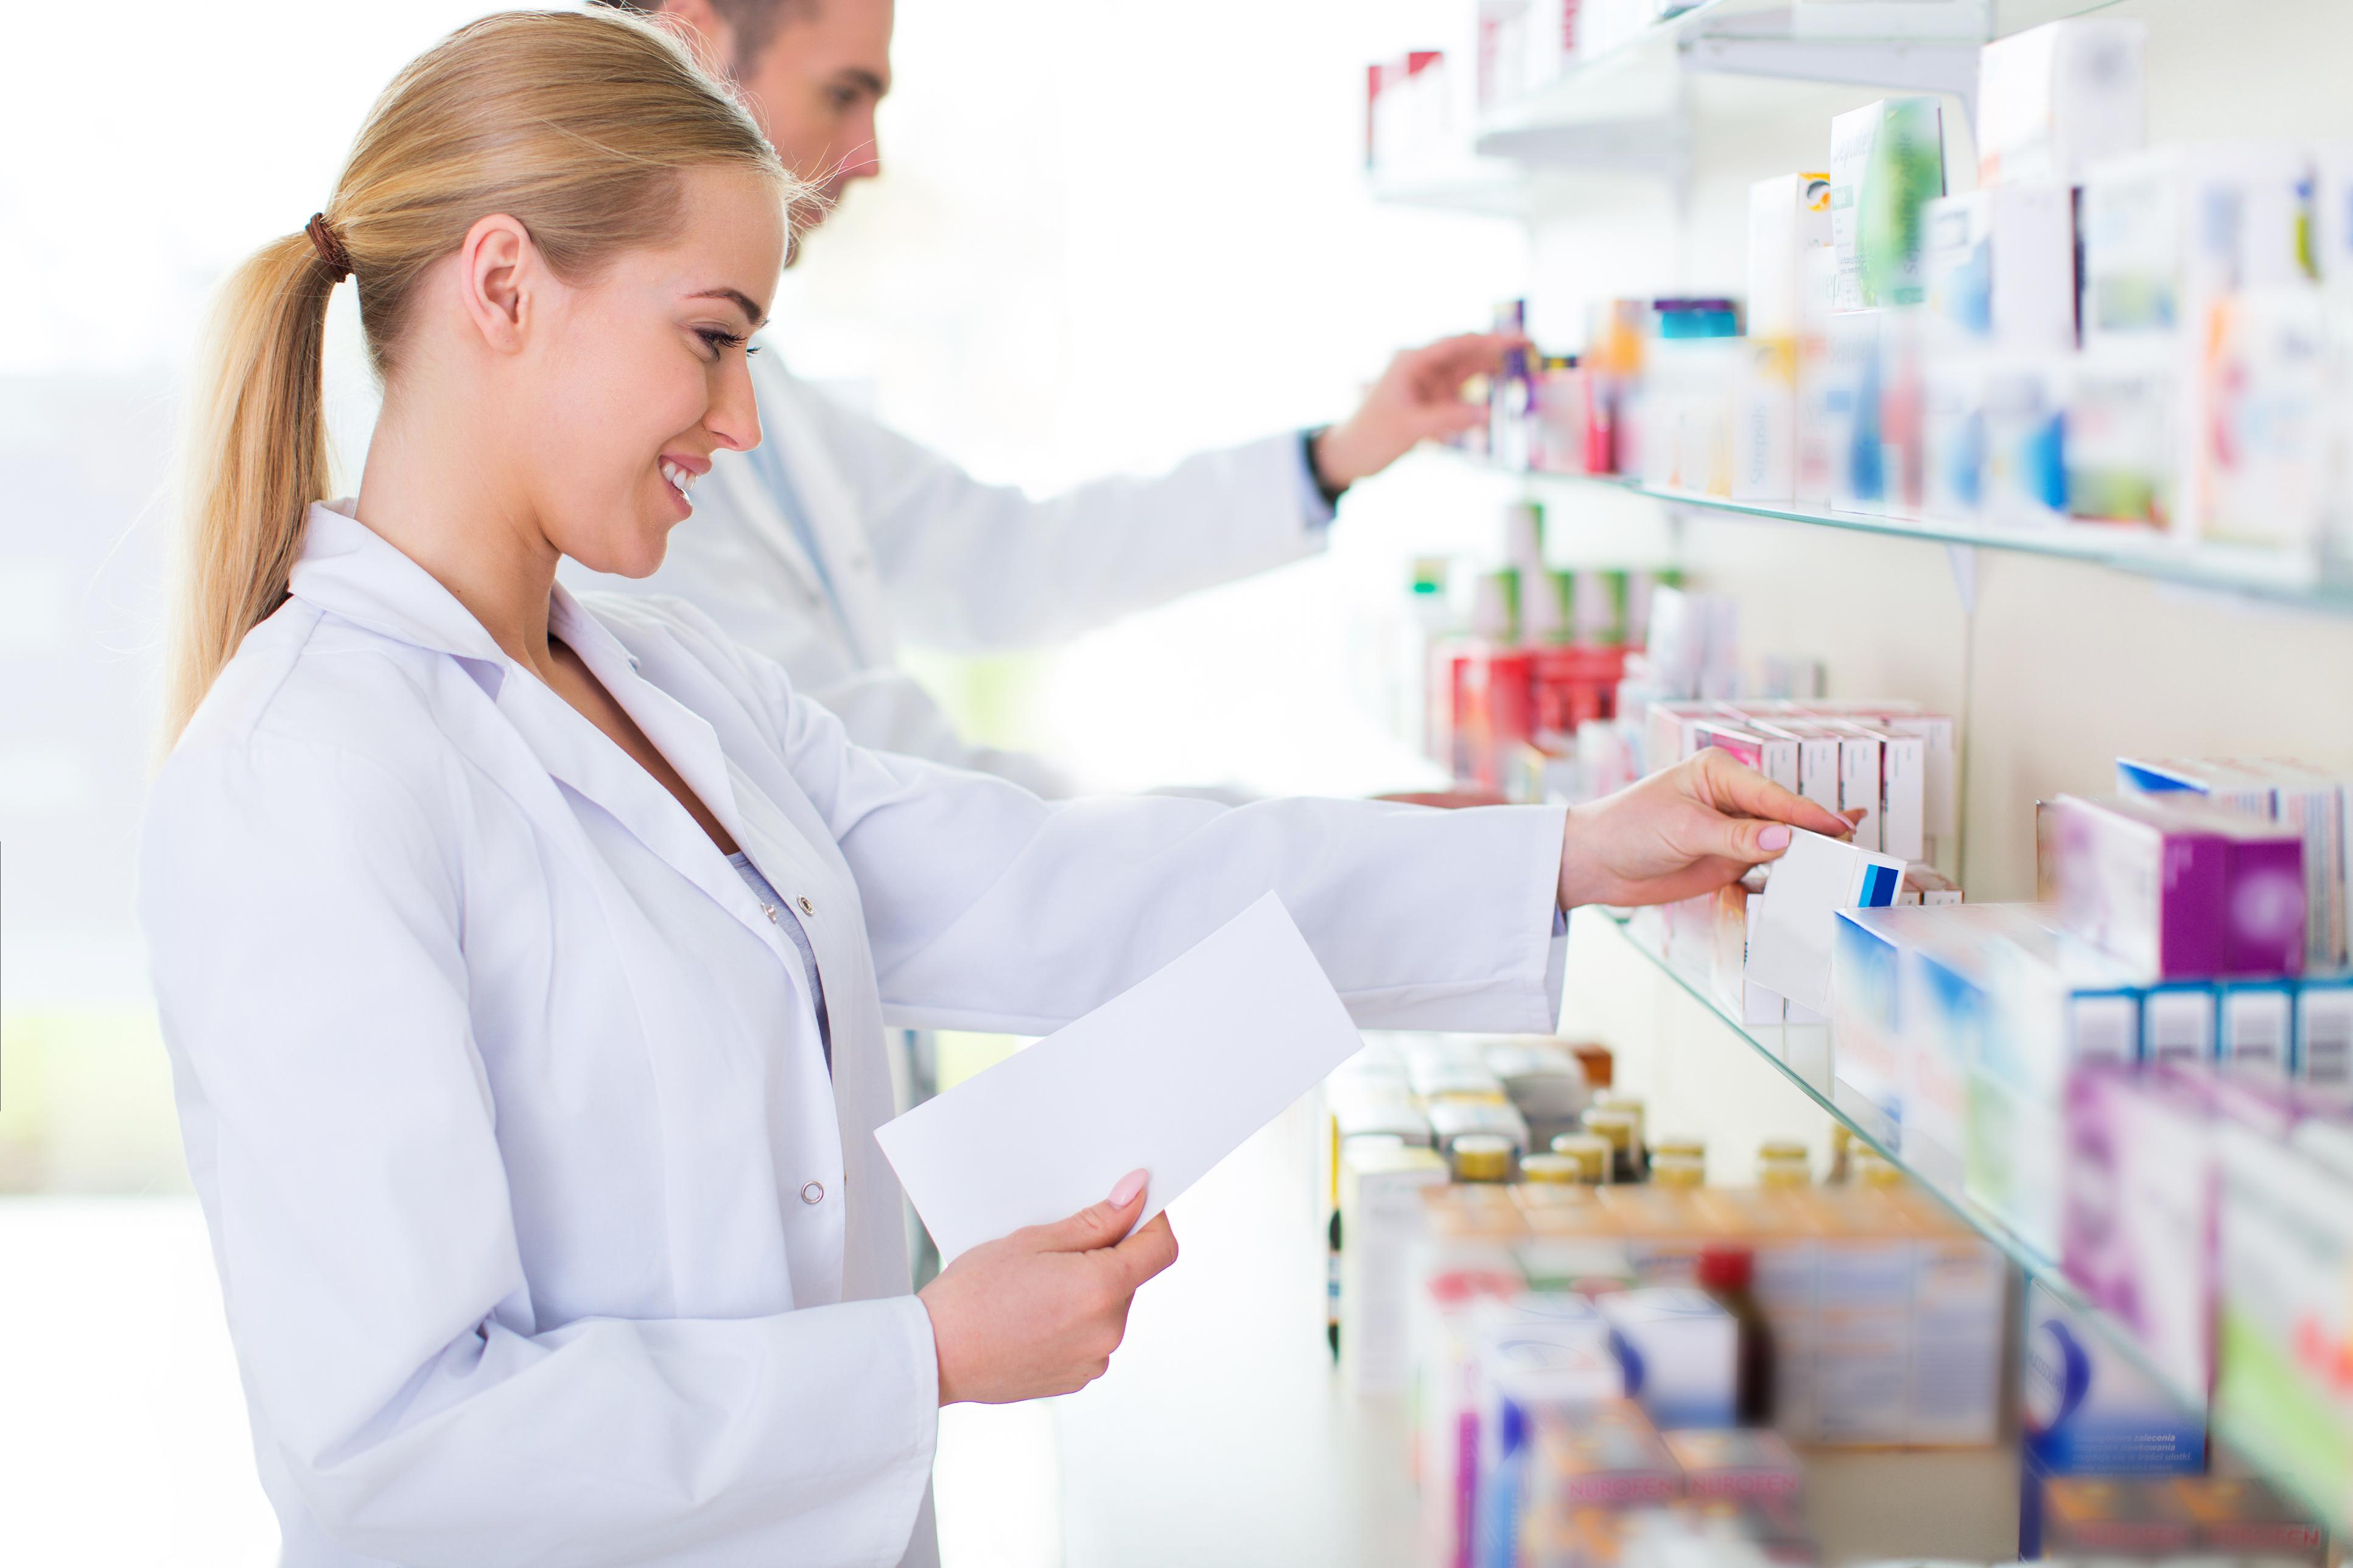 מגוון רחב של תרופות - בתי מרקחת